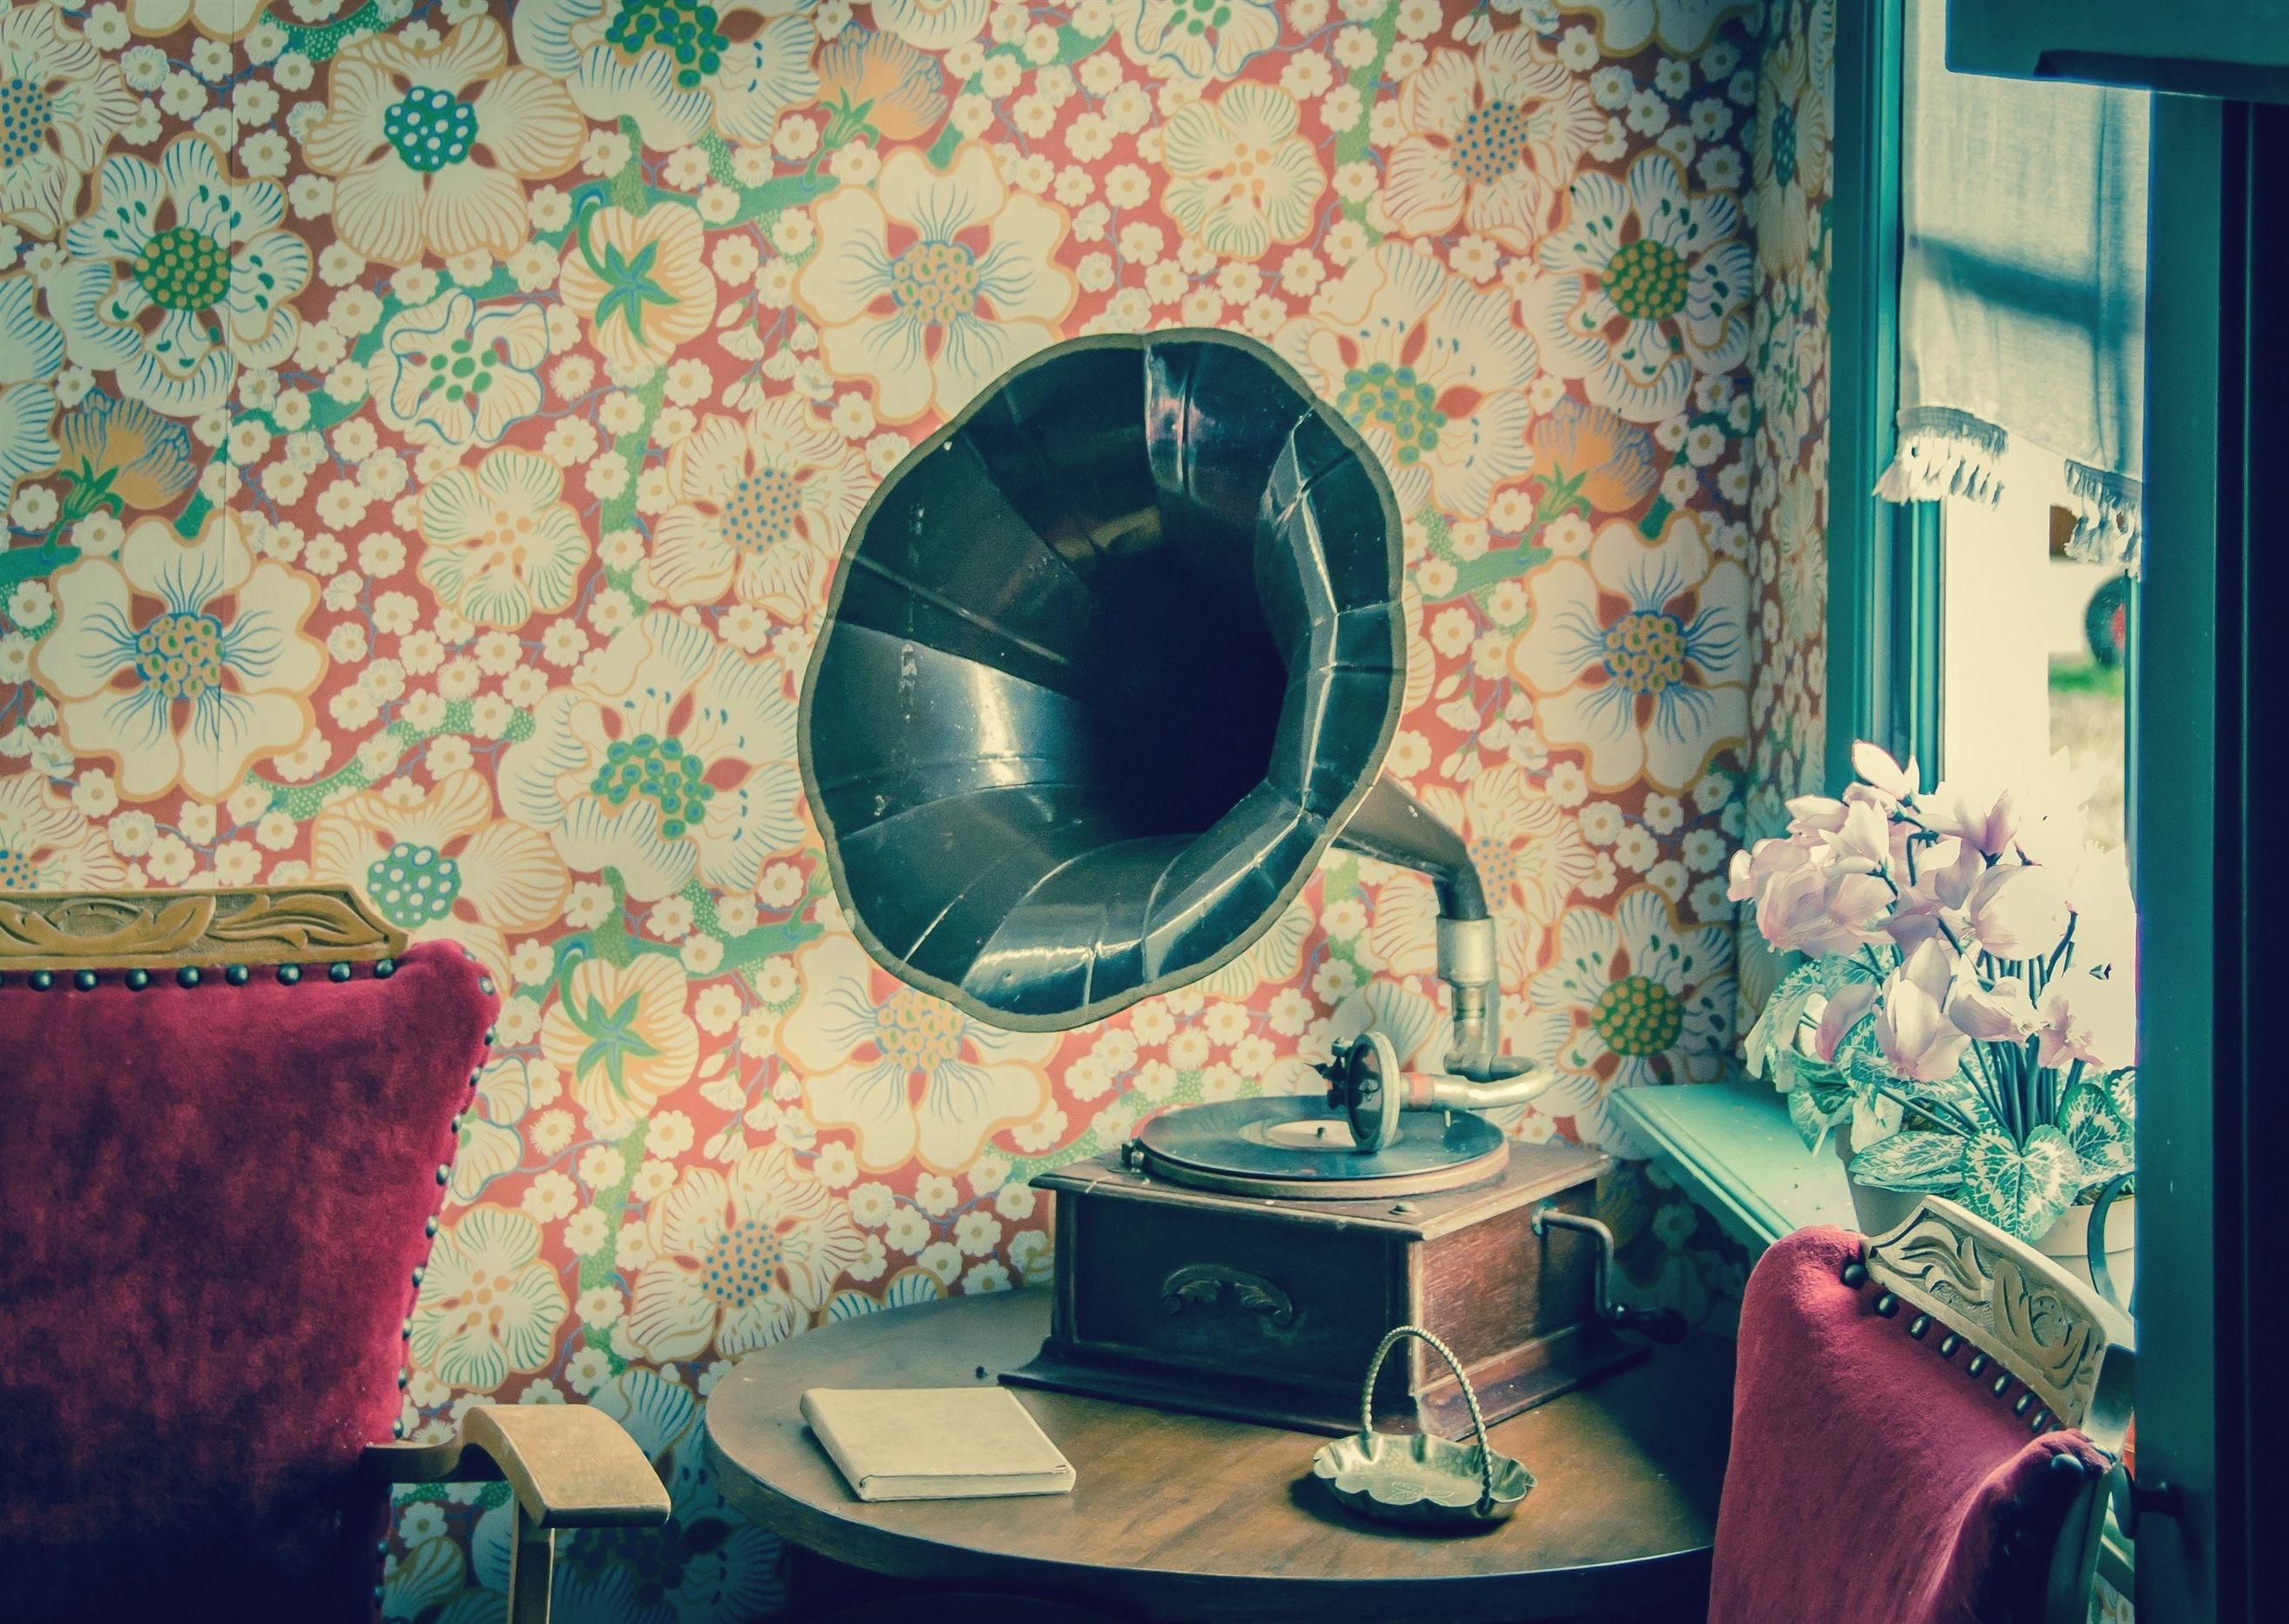 Home Decor For Mom 282 20181029143832 62 Home Decor Flowers Uk